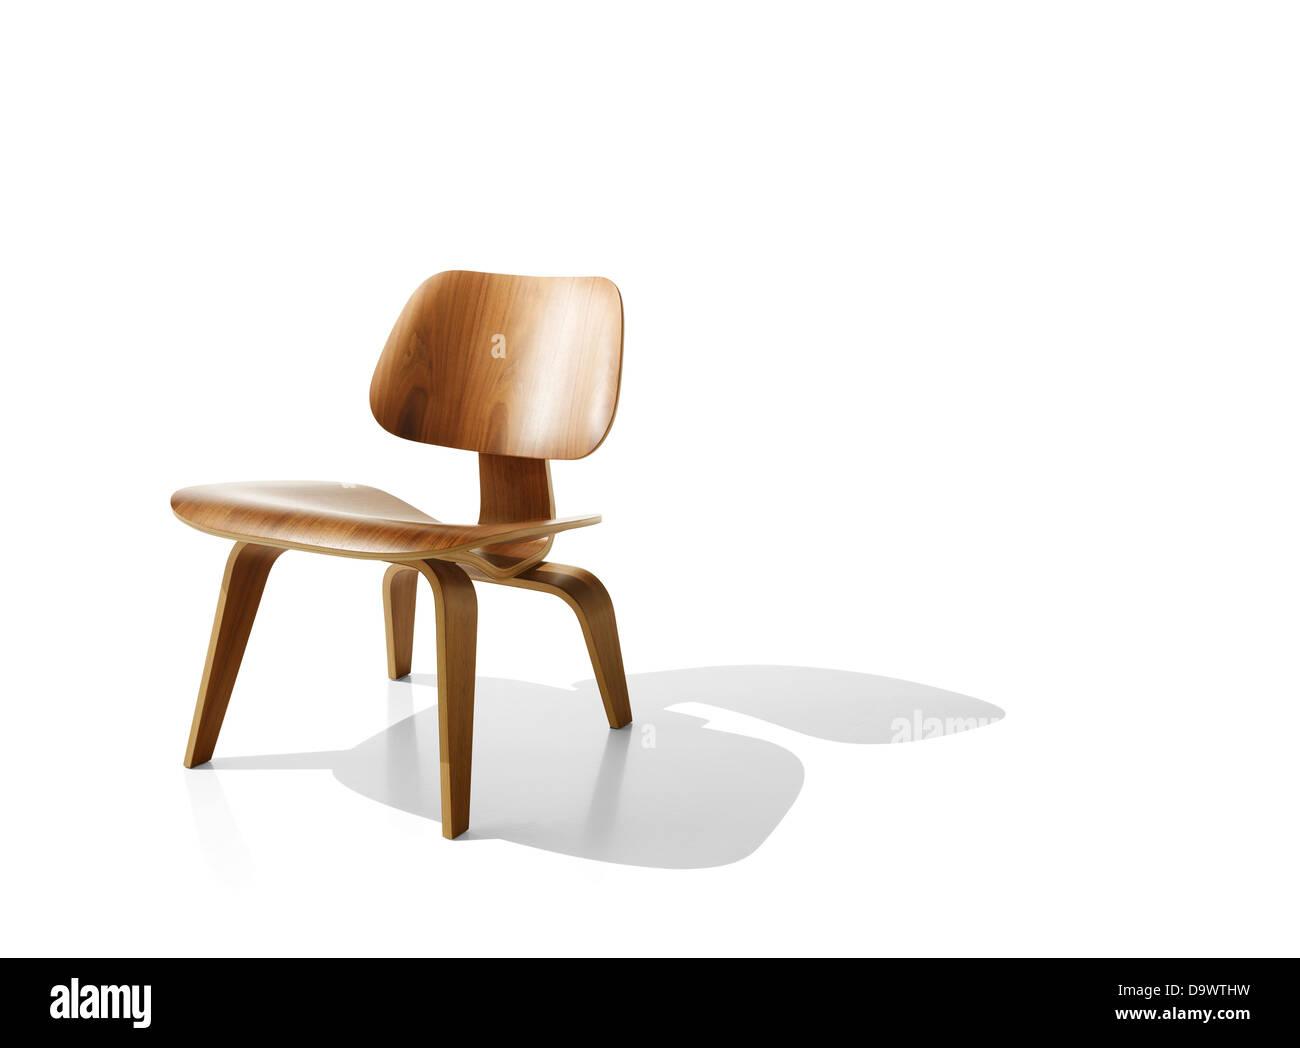 Sedia su bianco Immagini Stock